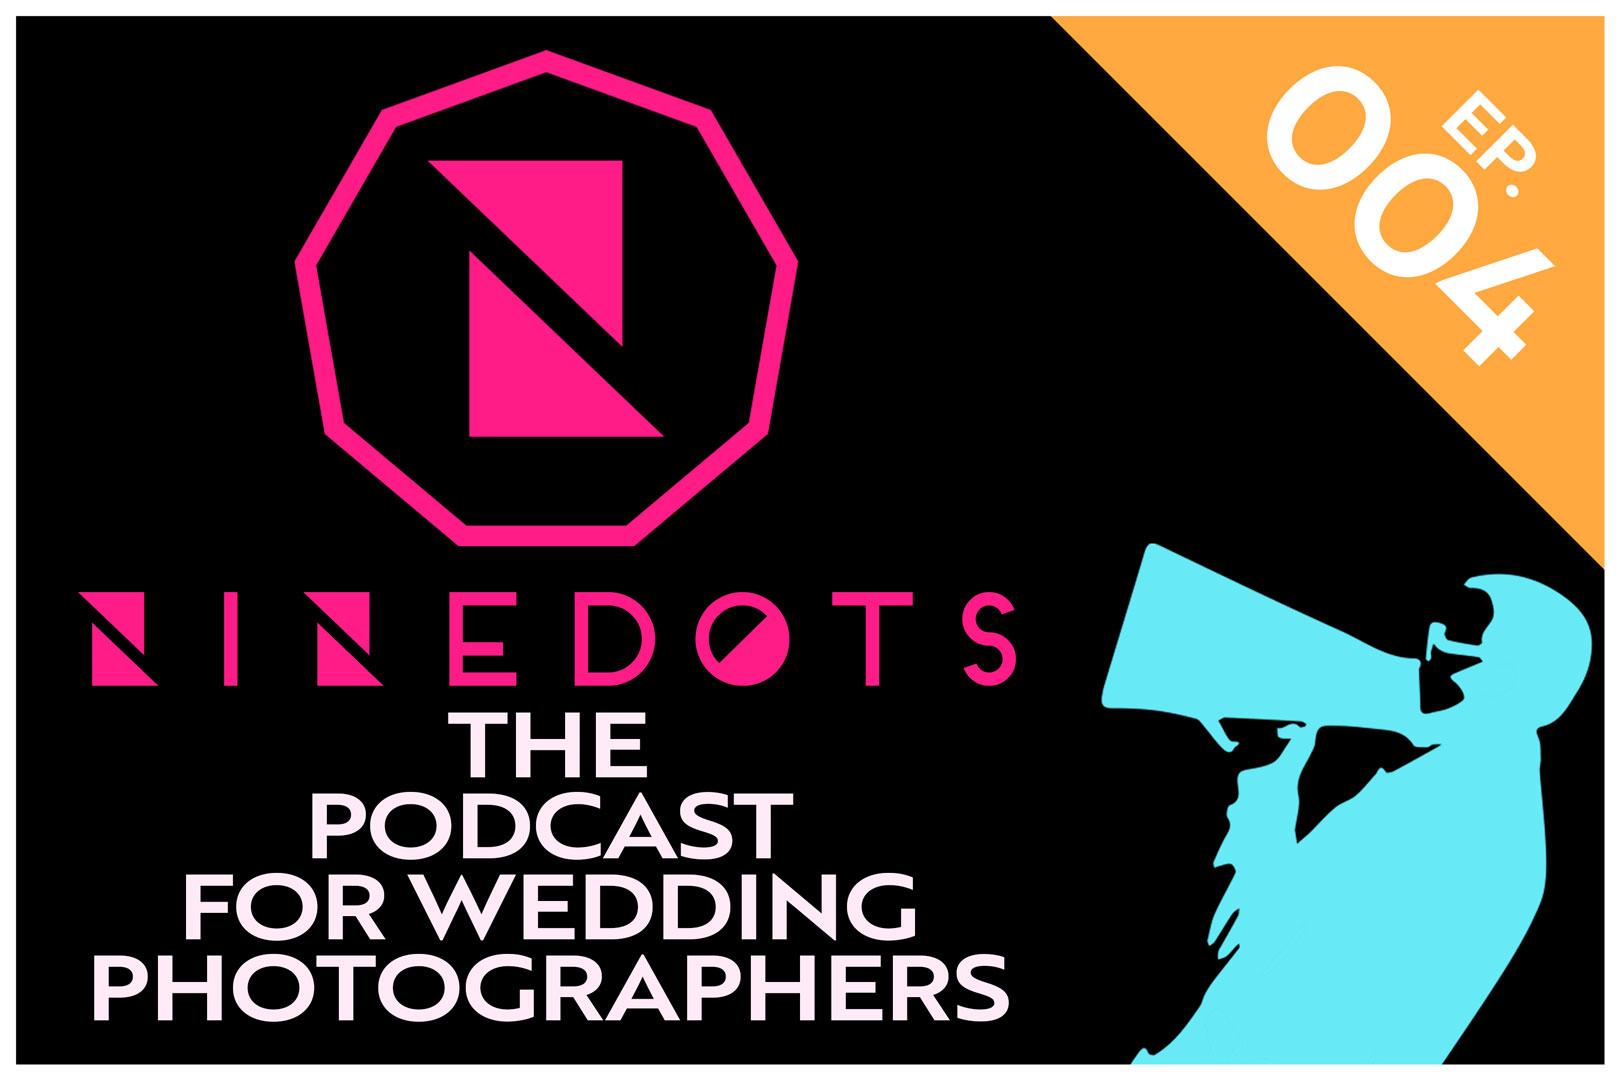 Wedding Photography Podcast : DotCast Episode 4